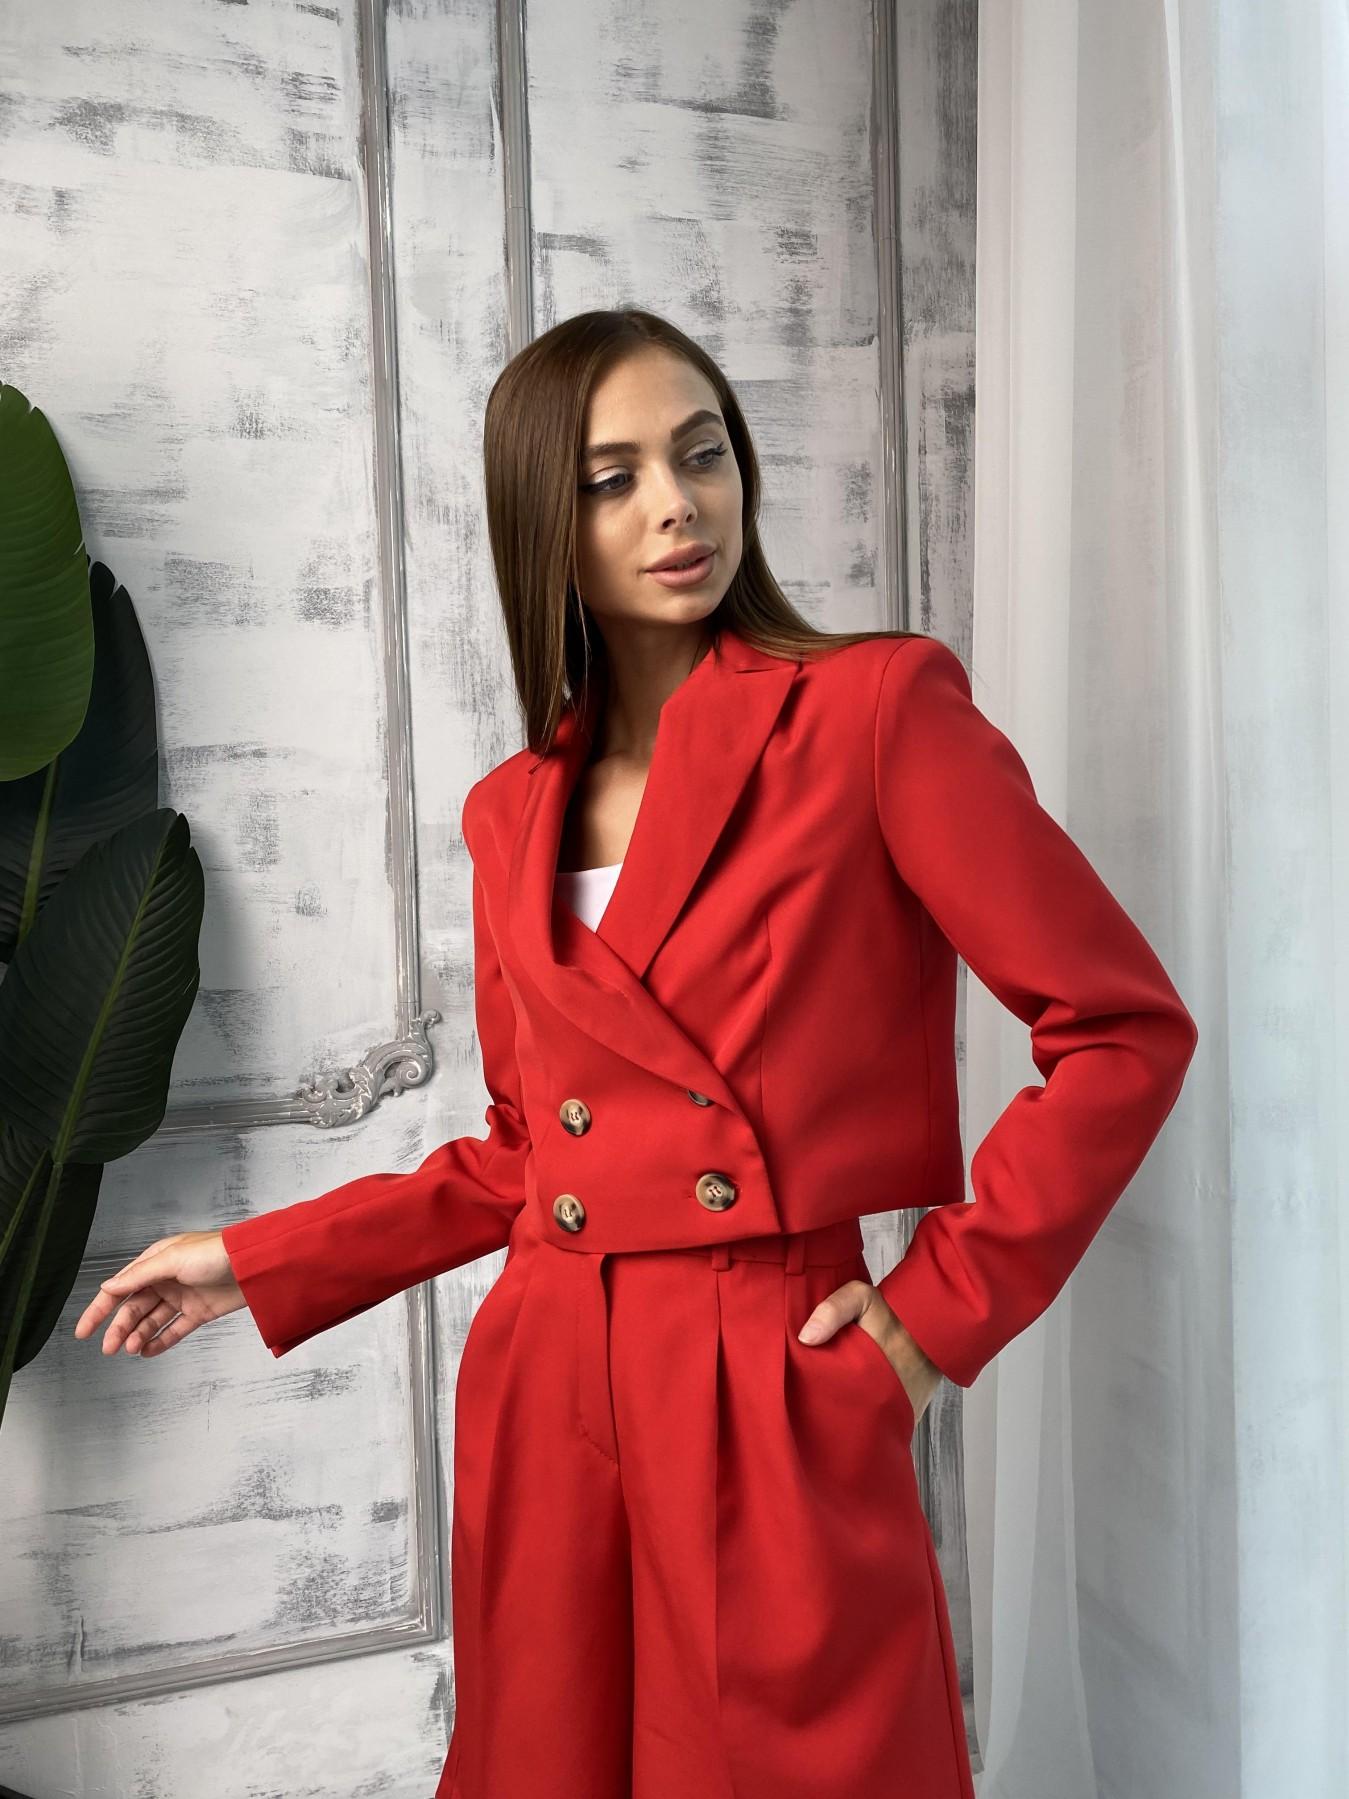 Оксфорд костюм из костюмной ткани стрейч 11548 АРТ. 48400 Цвет: Красный - фото 3, интернет магазин tm-modus.ru